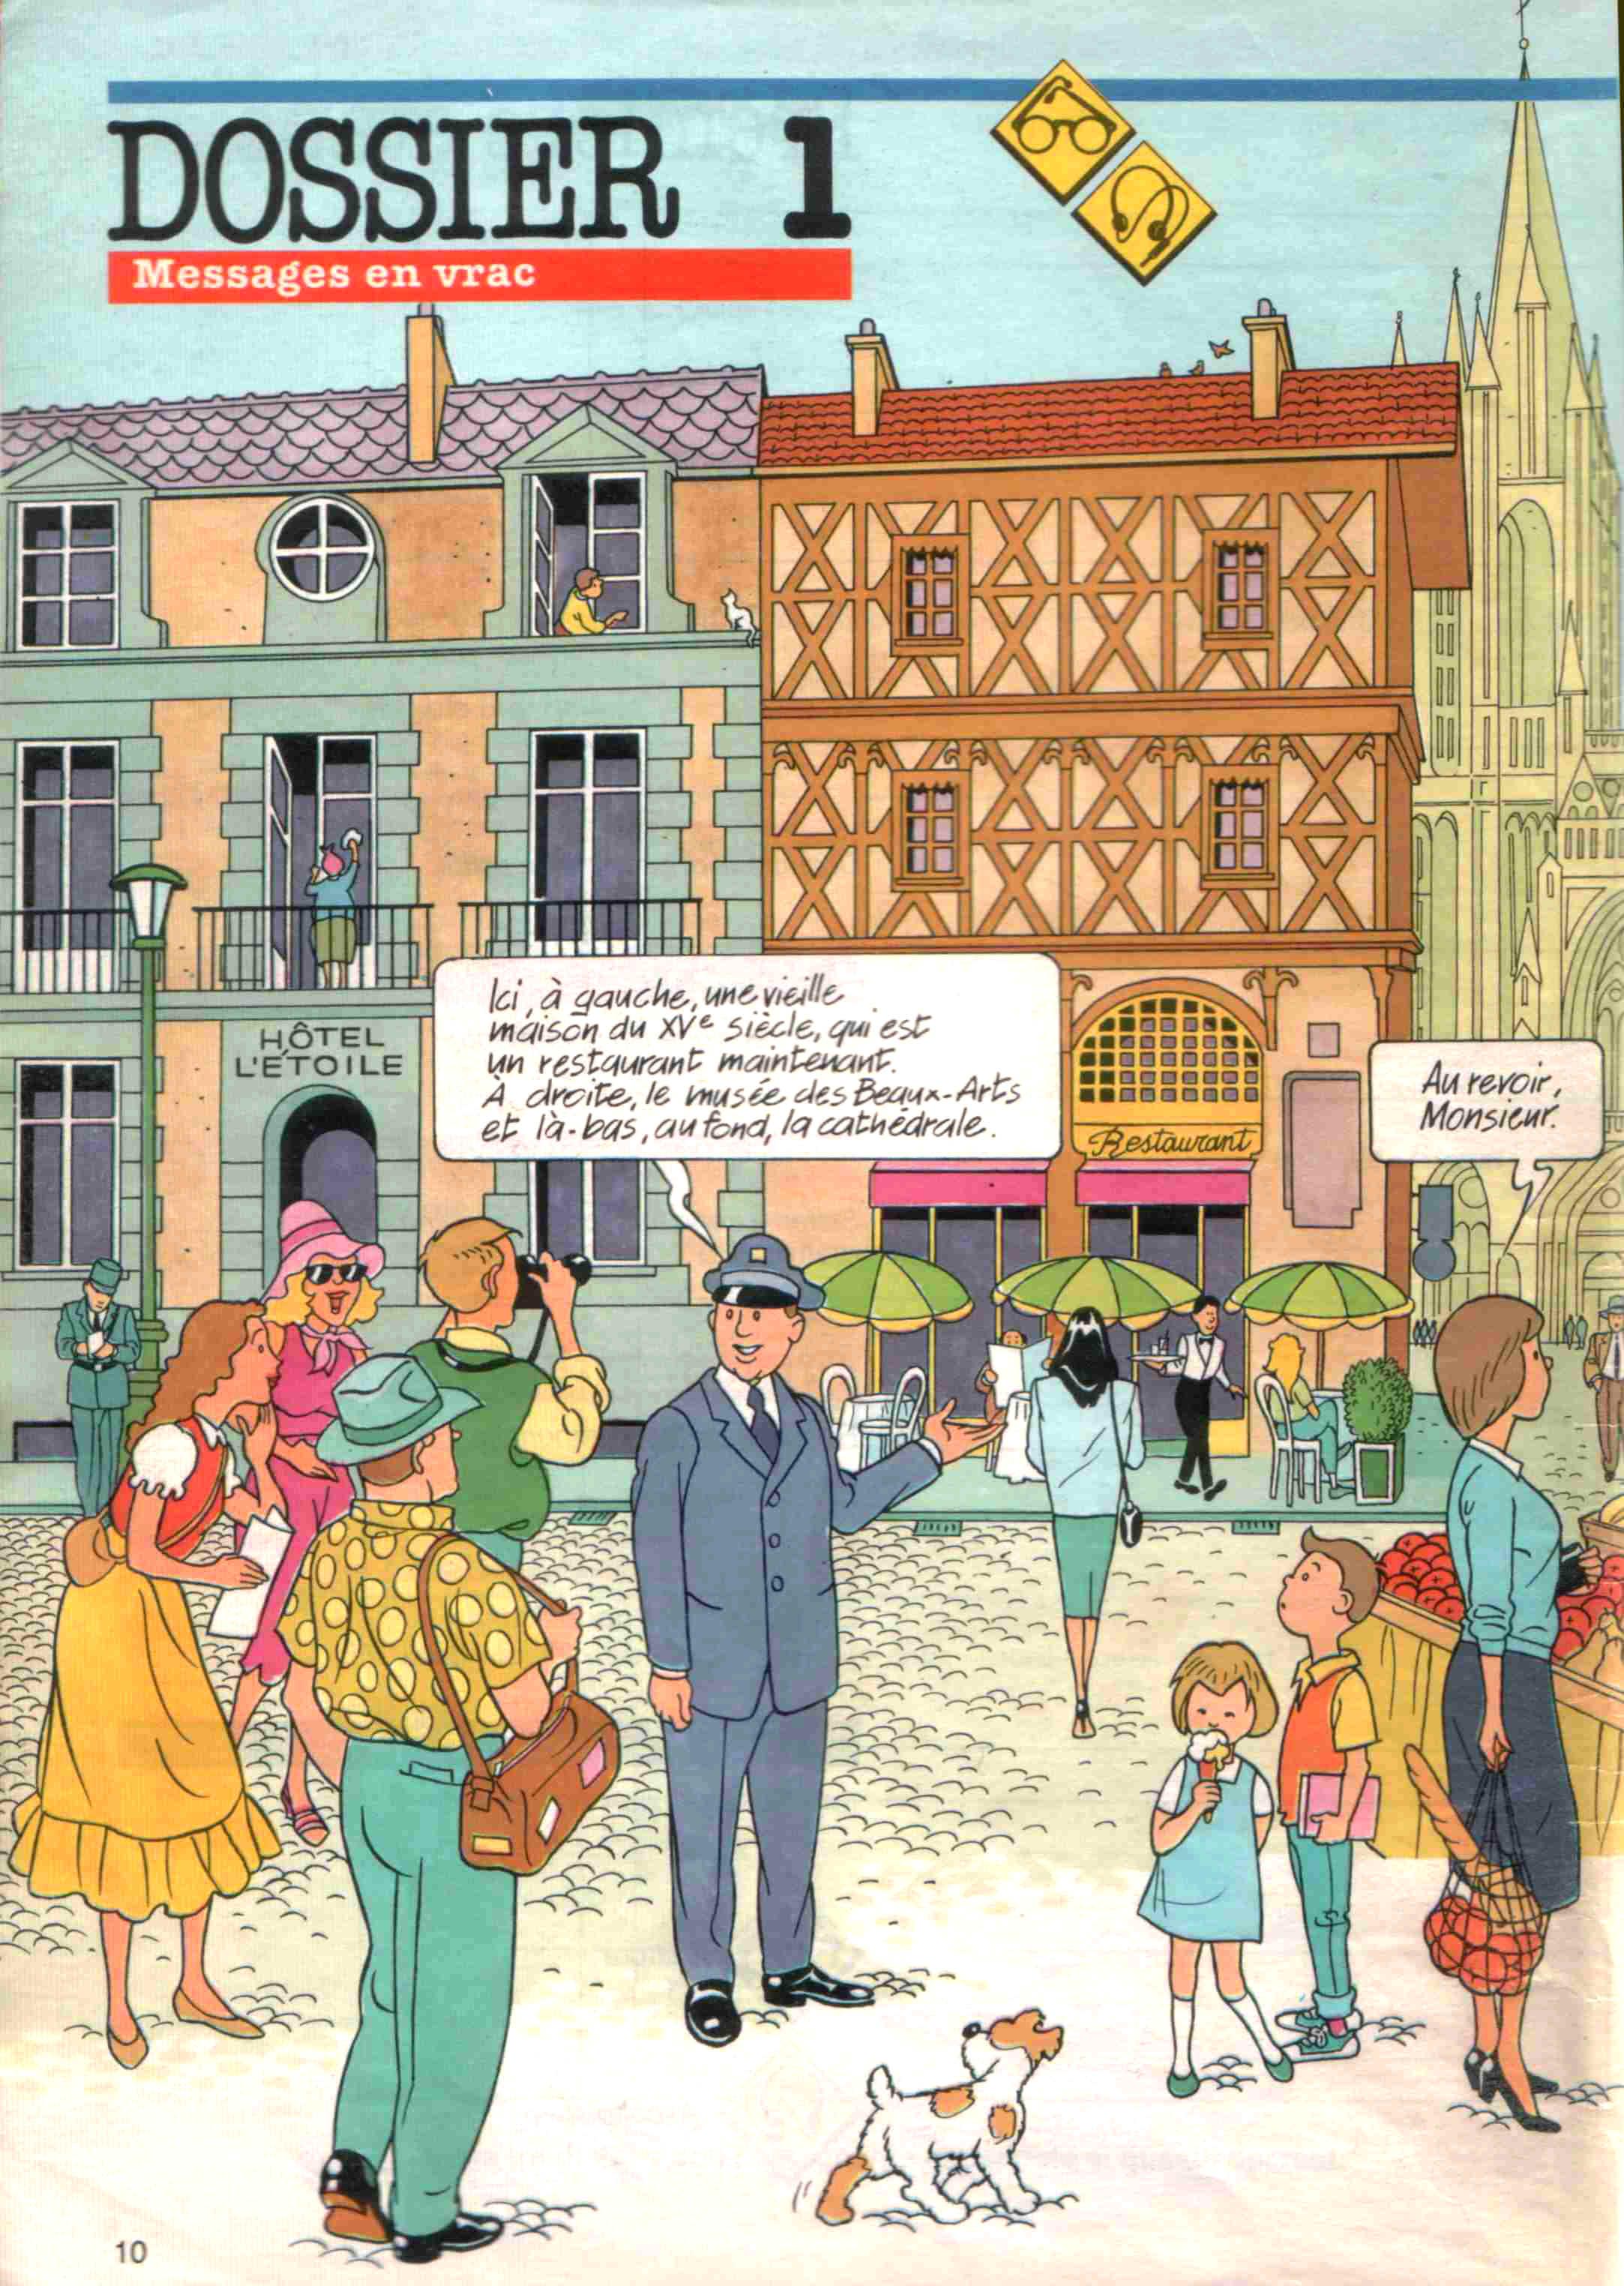 Prima immagine da descrivere for Design della casa francese